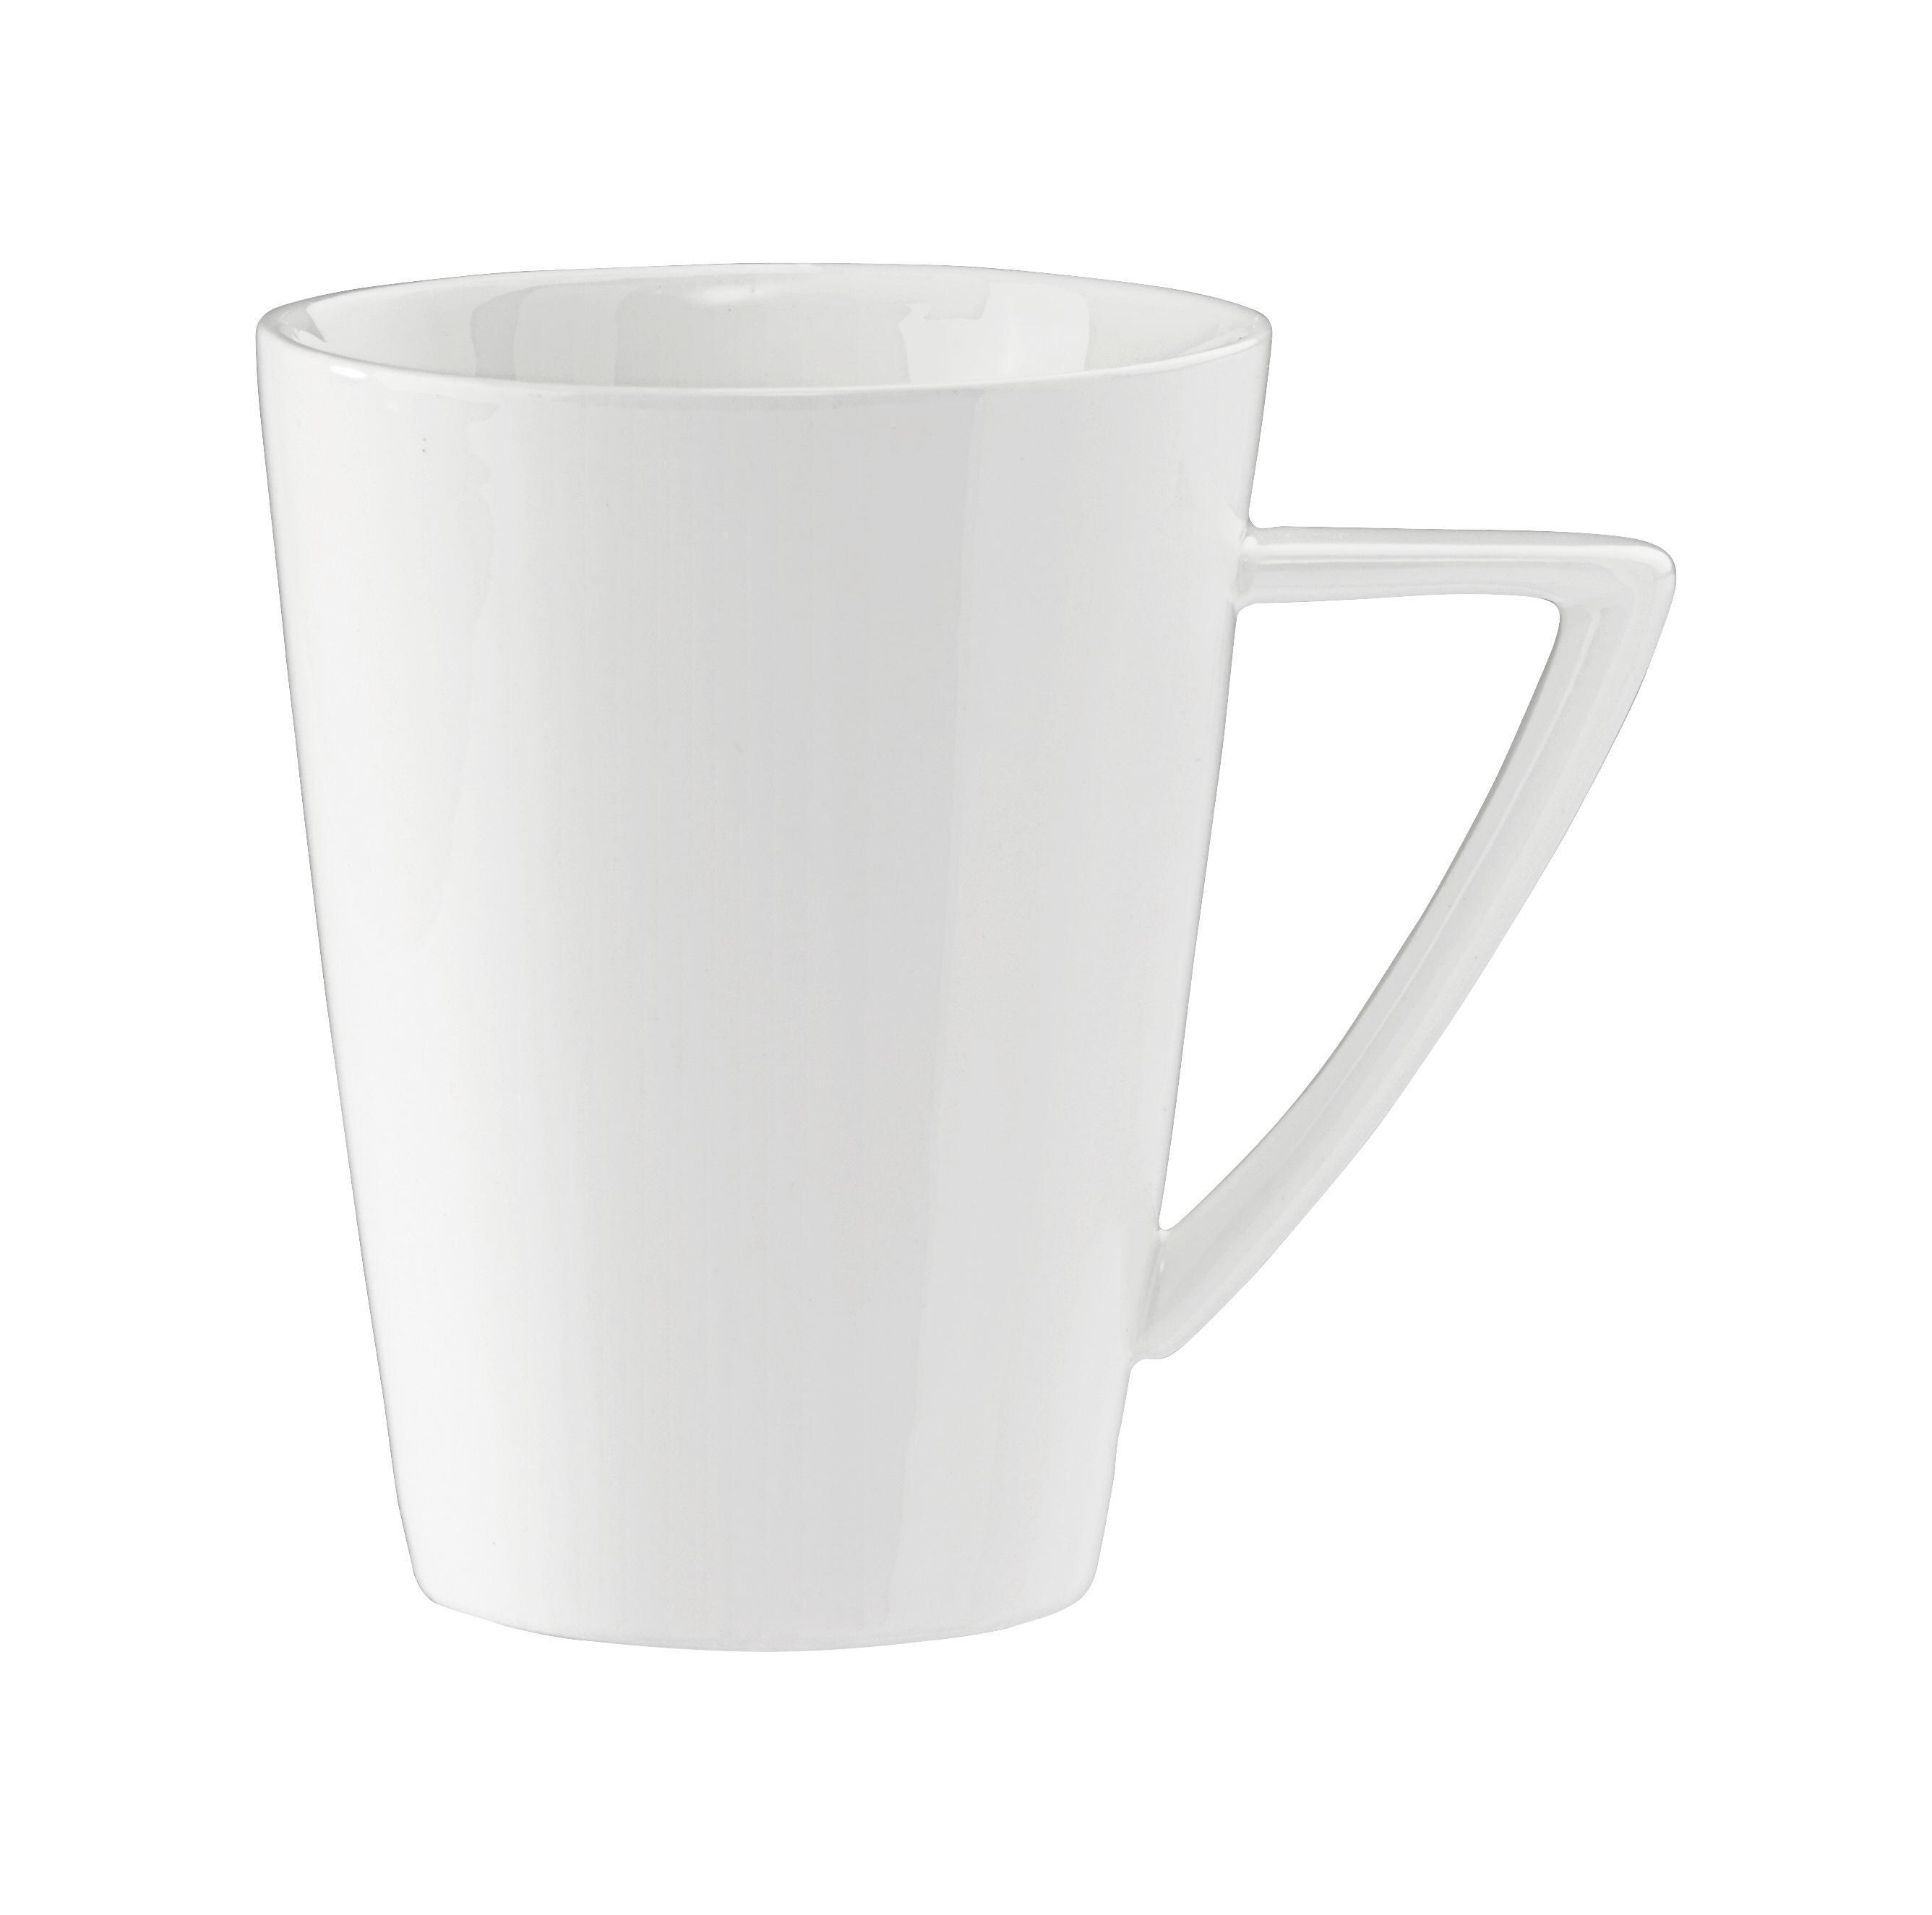 Kávésbögre Pura - fehér, Lifestyle, kerámia (0,365l) - MÖMAX modern living